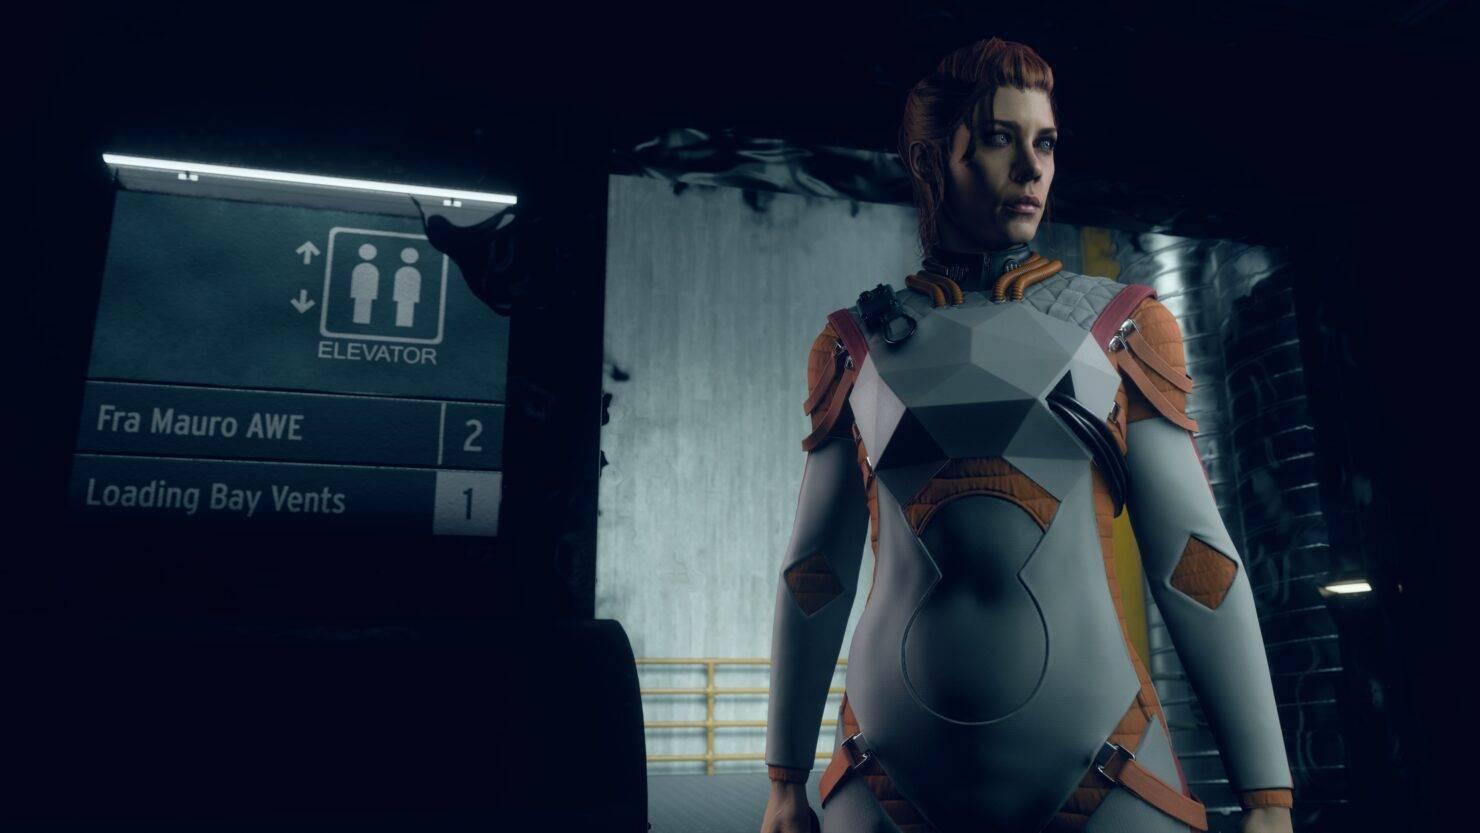 《控制》宣布推出第二个DLC:8月27日发布